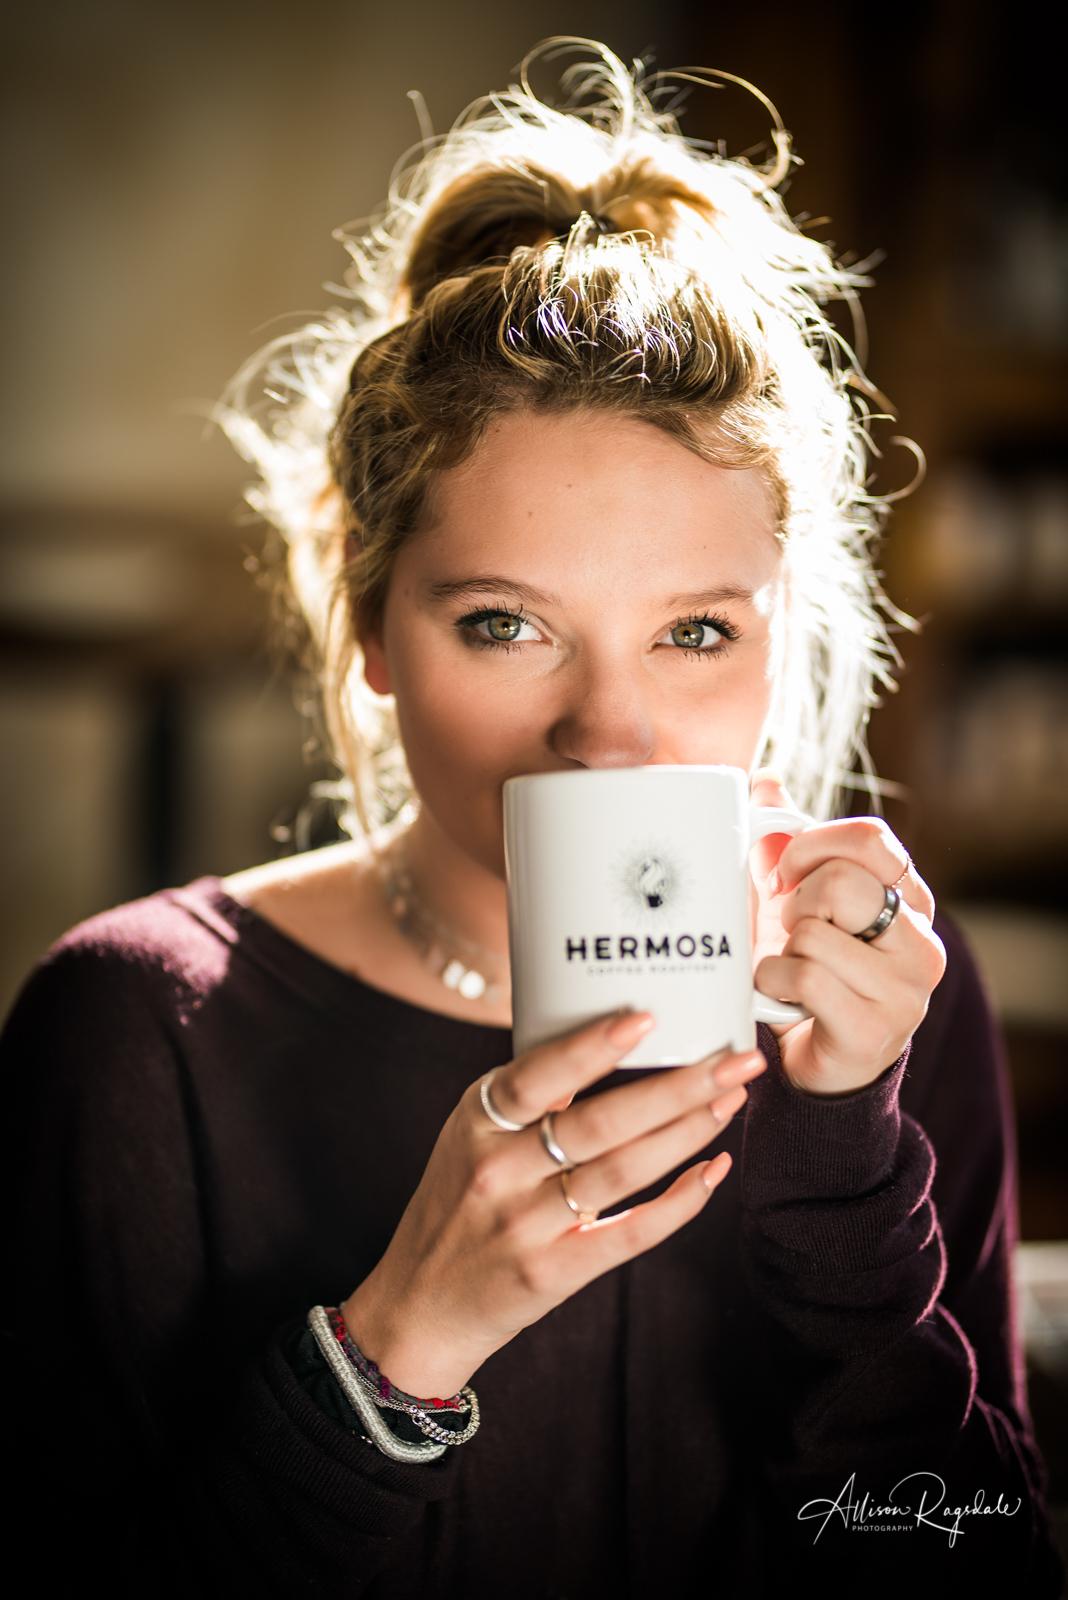 Hermose Coffee Roasters